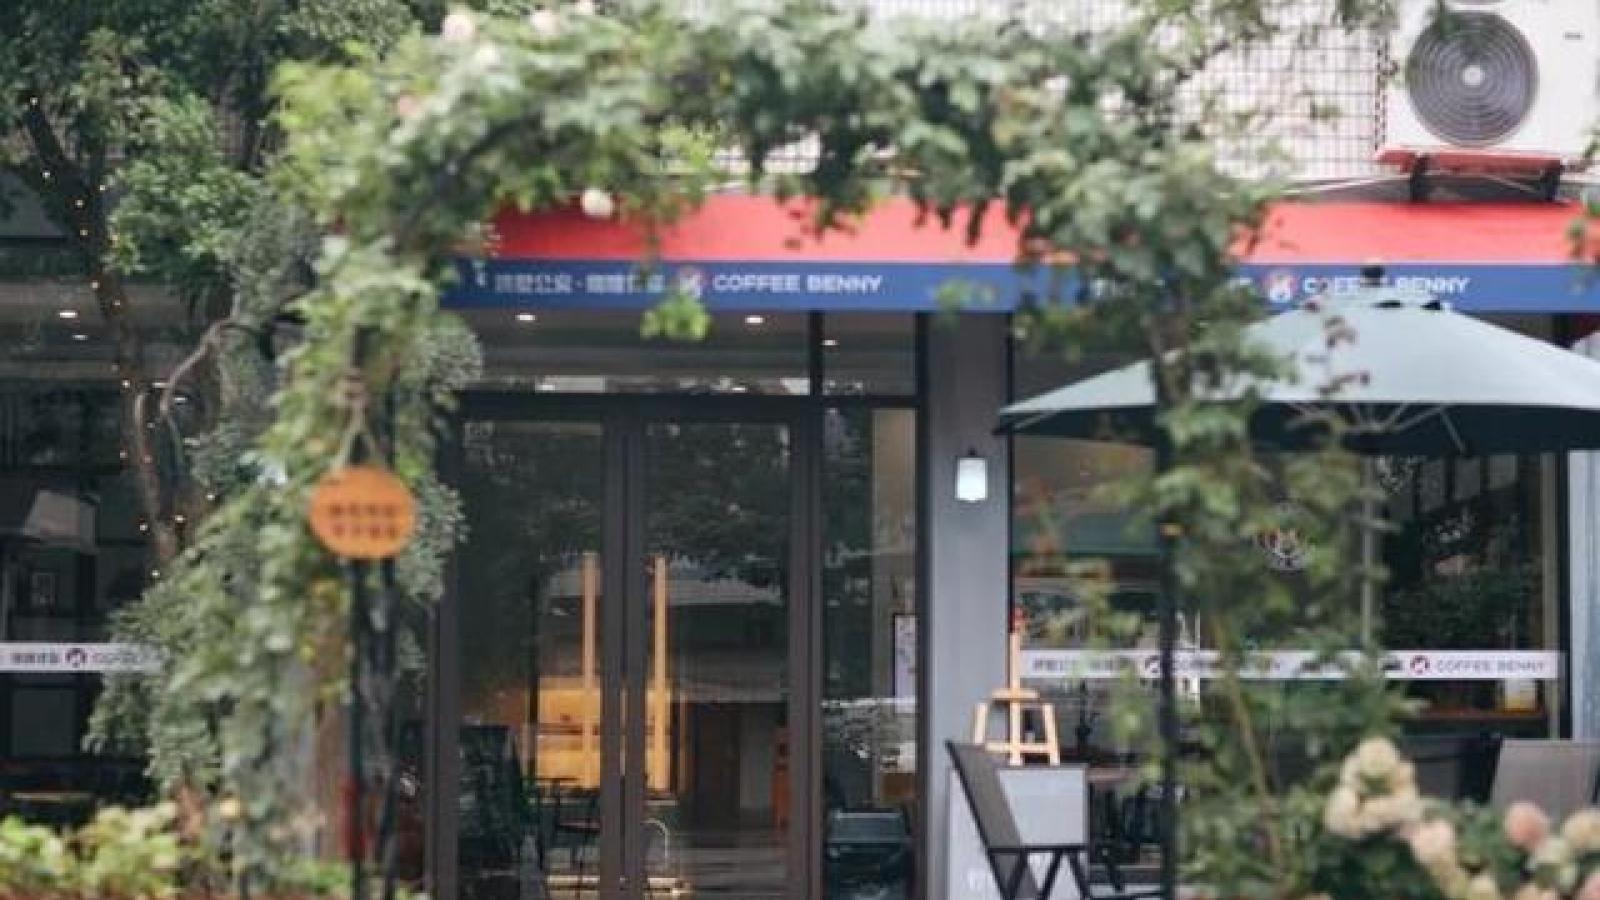 Cà phê đồn công an phi lợi nhuận - xu hướng mới ở Hàng Châu